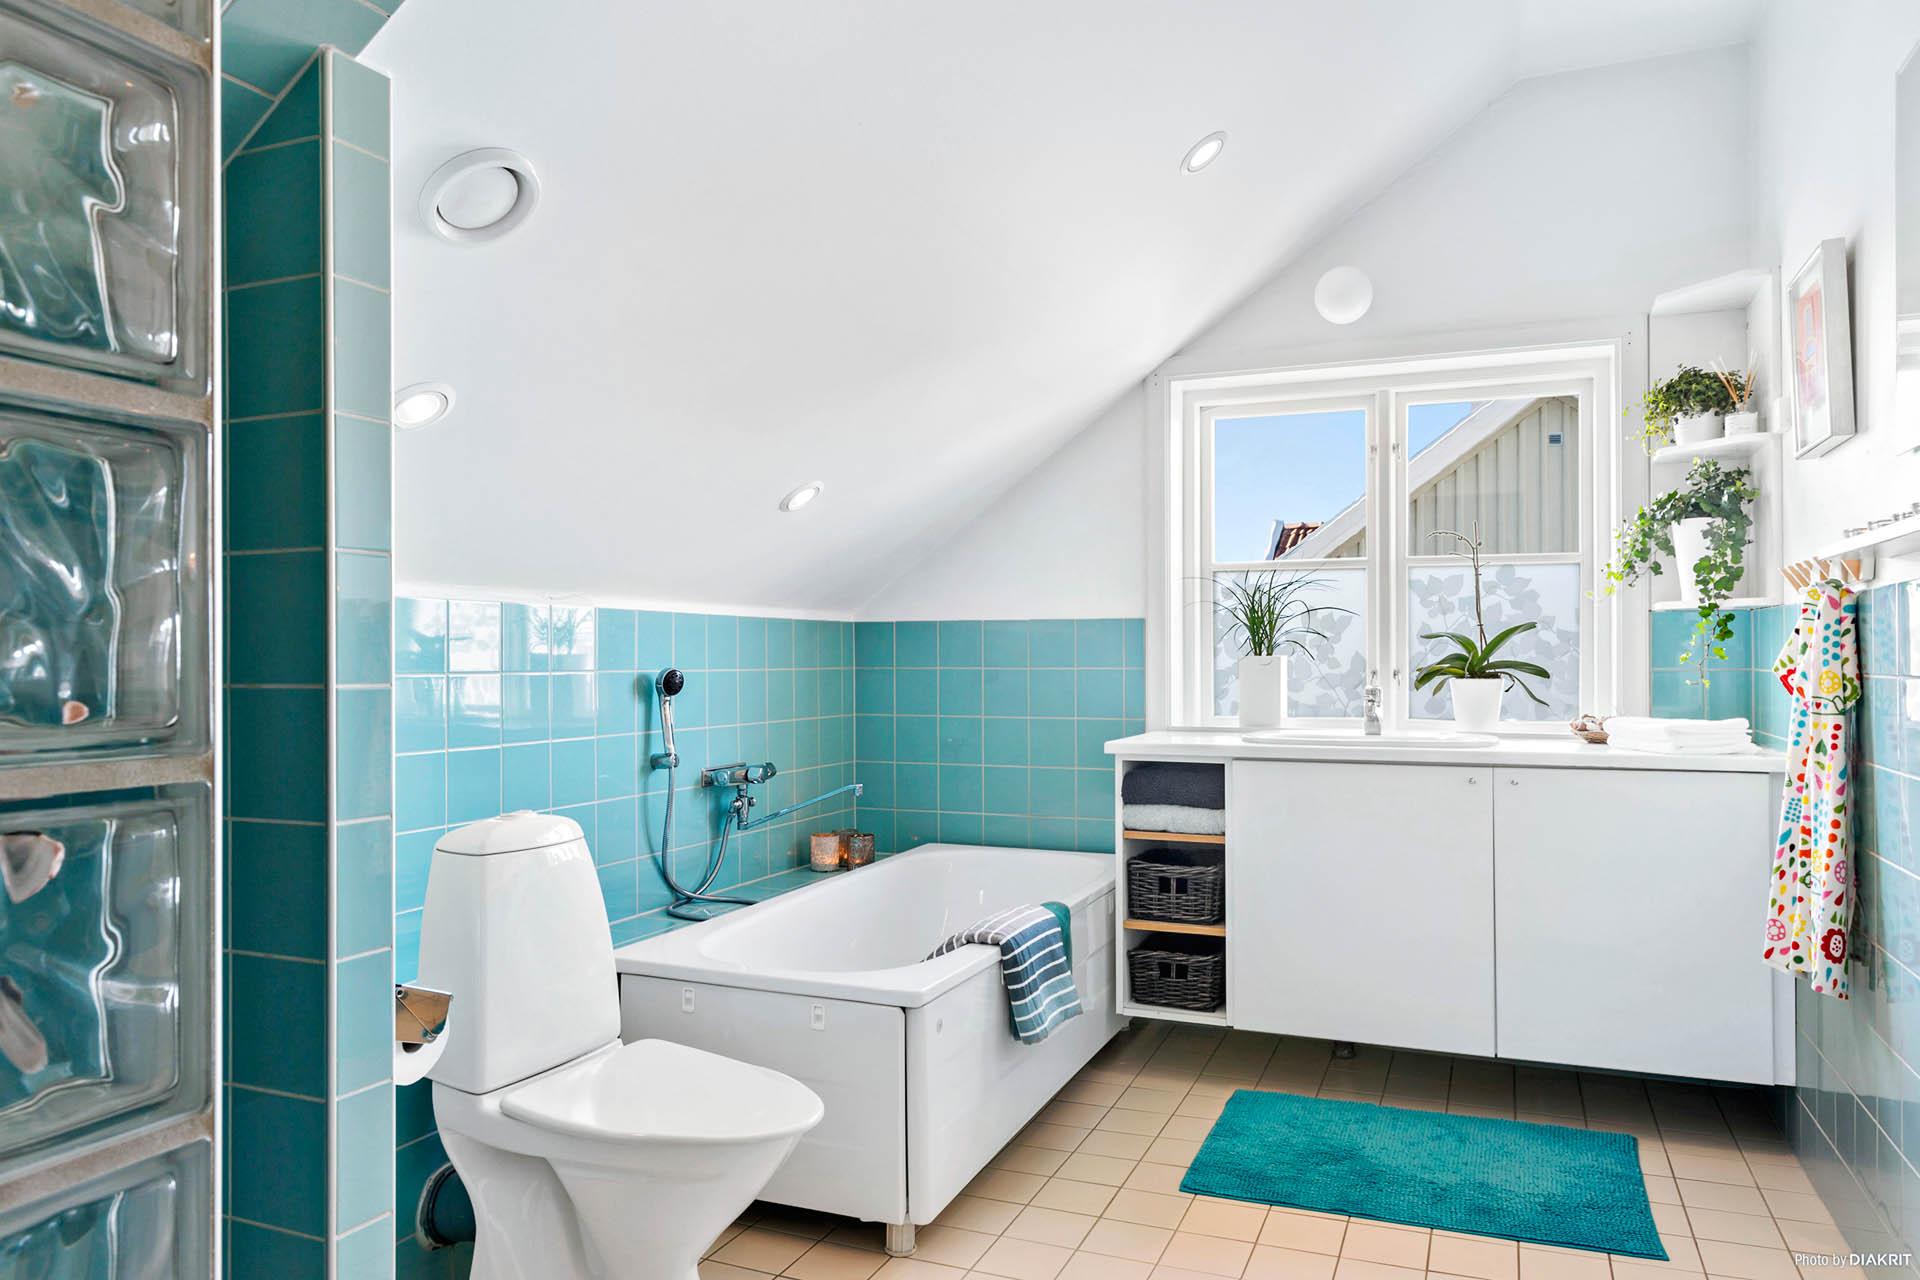 BADRUM 2 - Fräscht badrum med fin utsikt som rymmer badkar & dusch